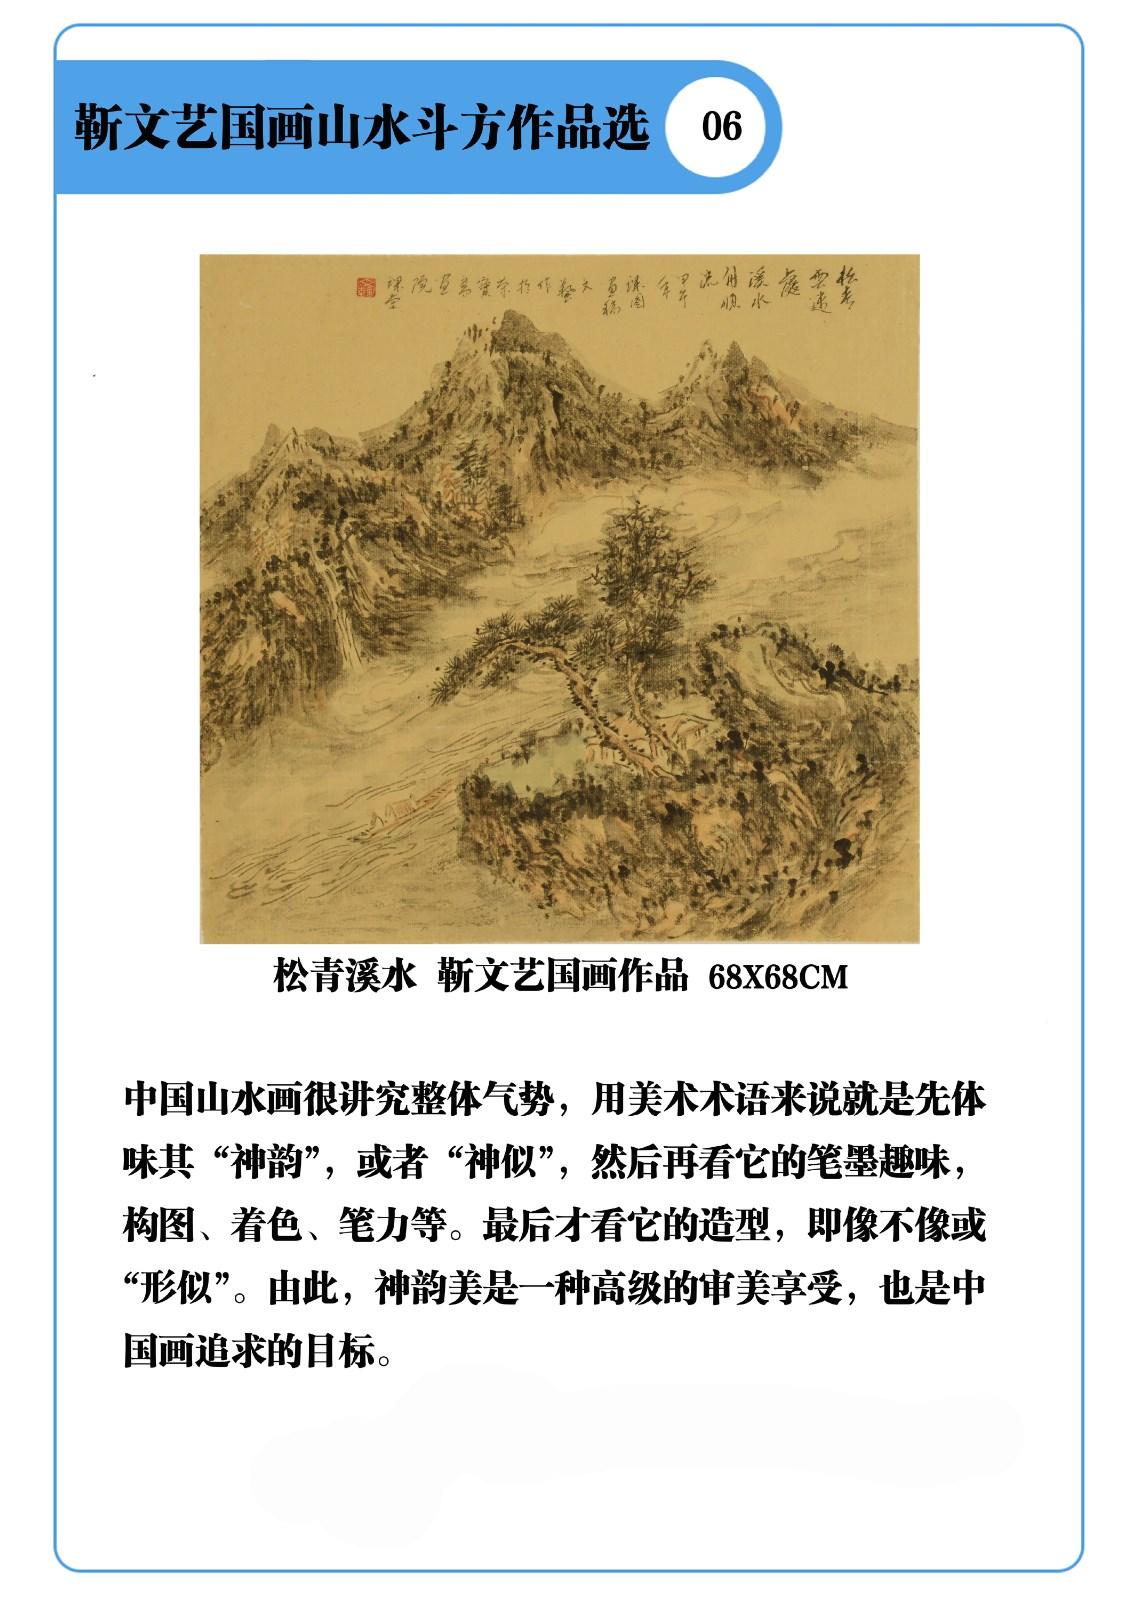 国画导师靳文艺先生作品   欢迎关注分享收藏_图1-4